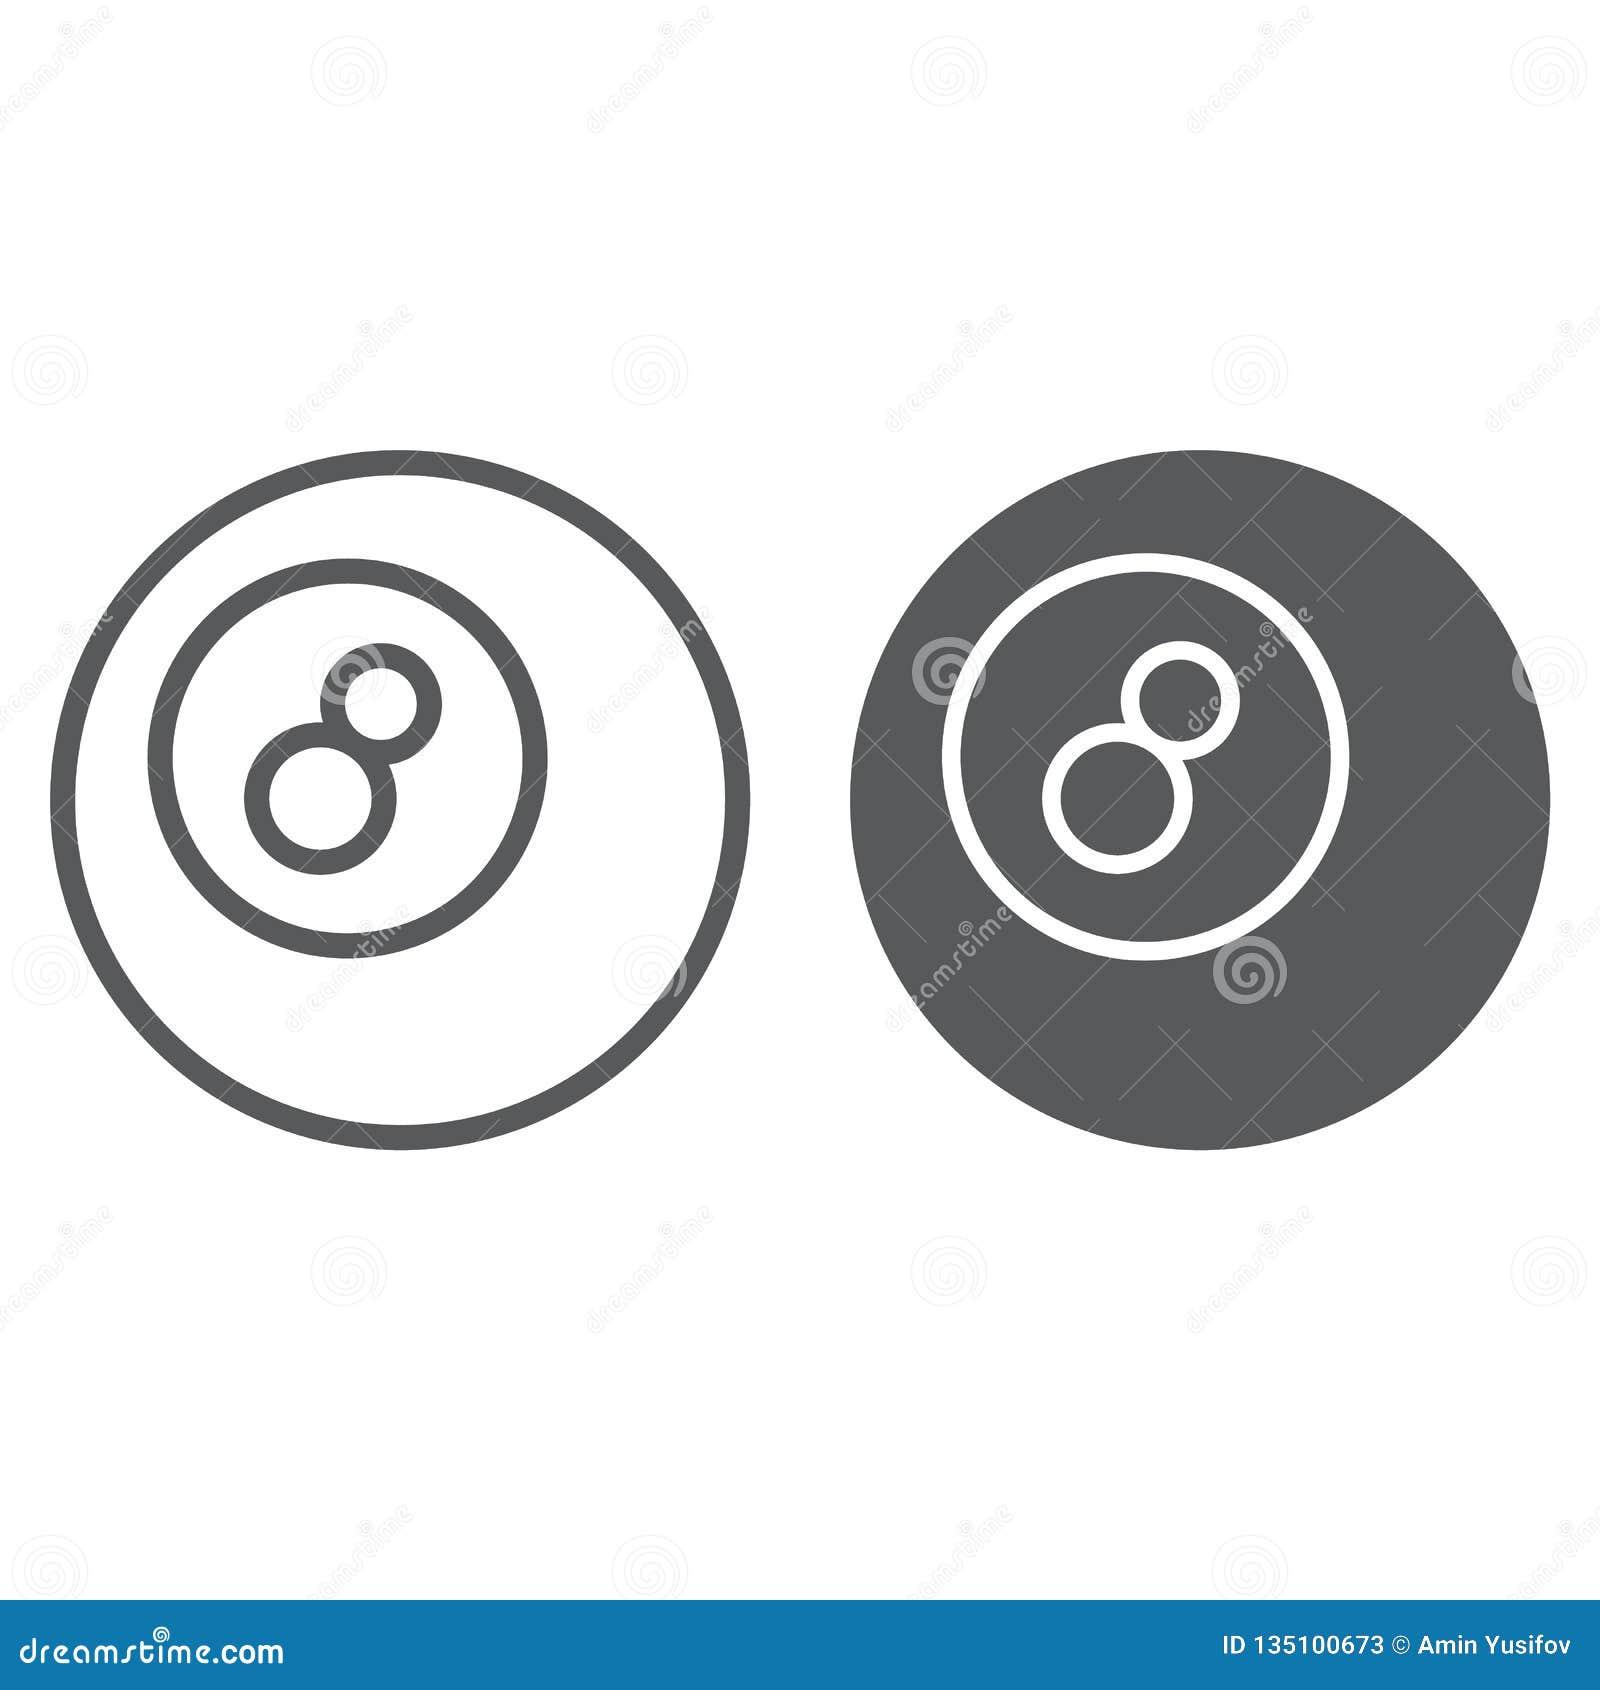 水池球线和纵的沟纹象、比赛和体育,球标志,向量图形,在白色背景的一个线性样式,